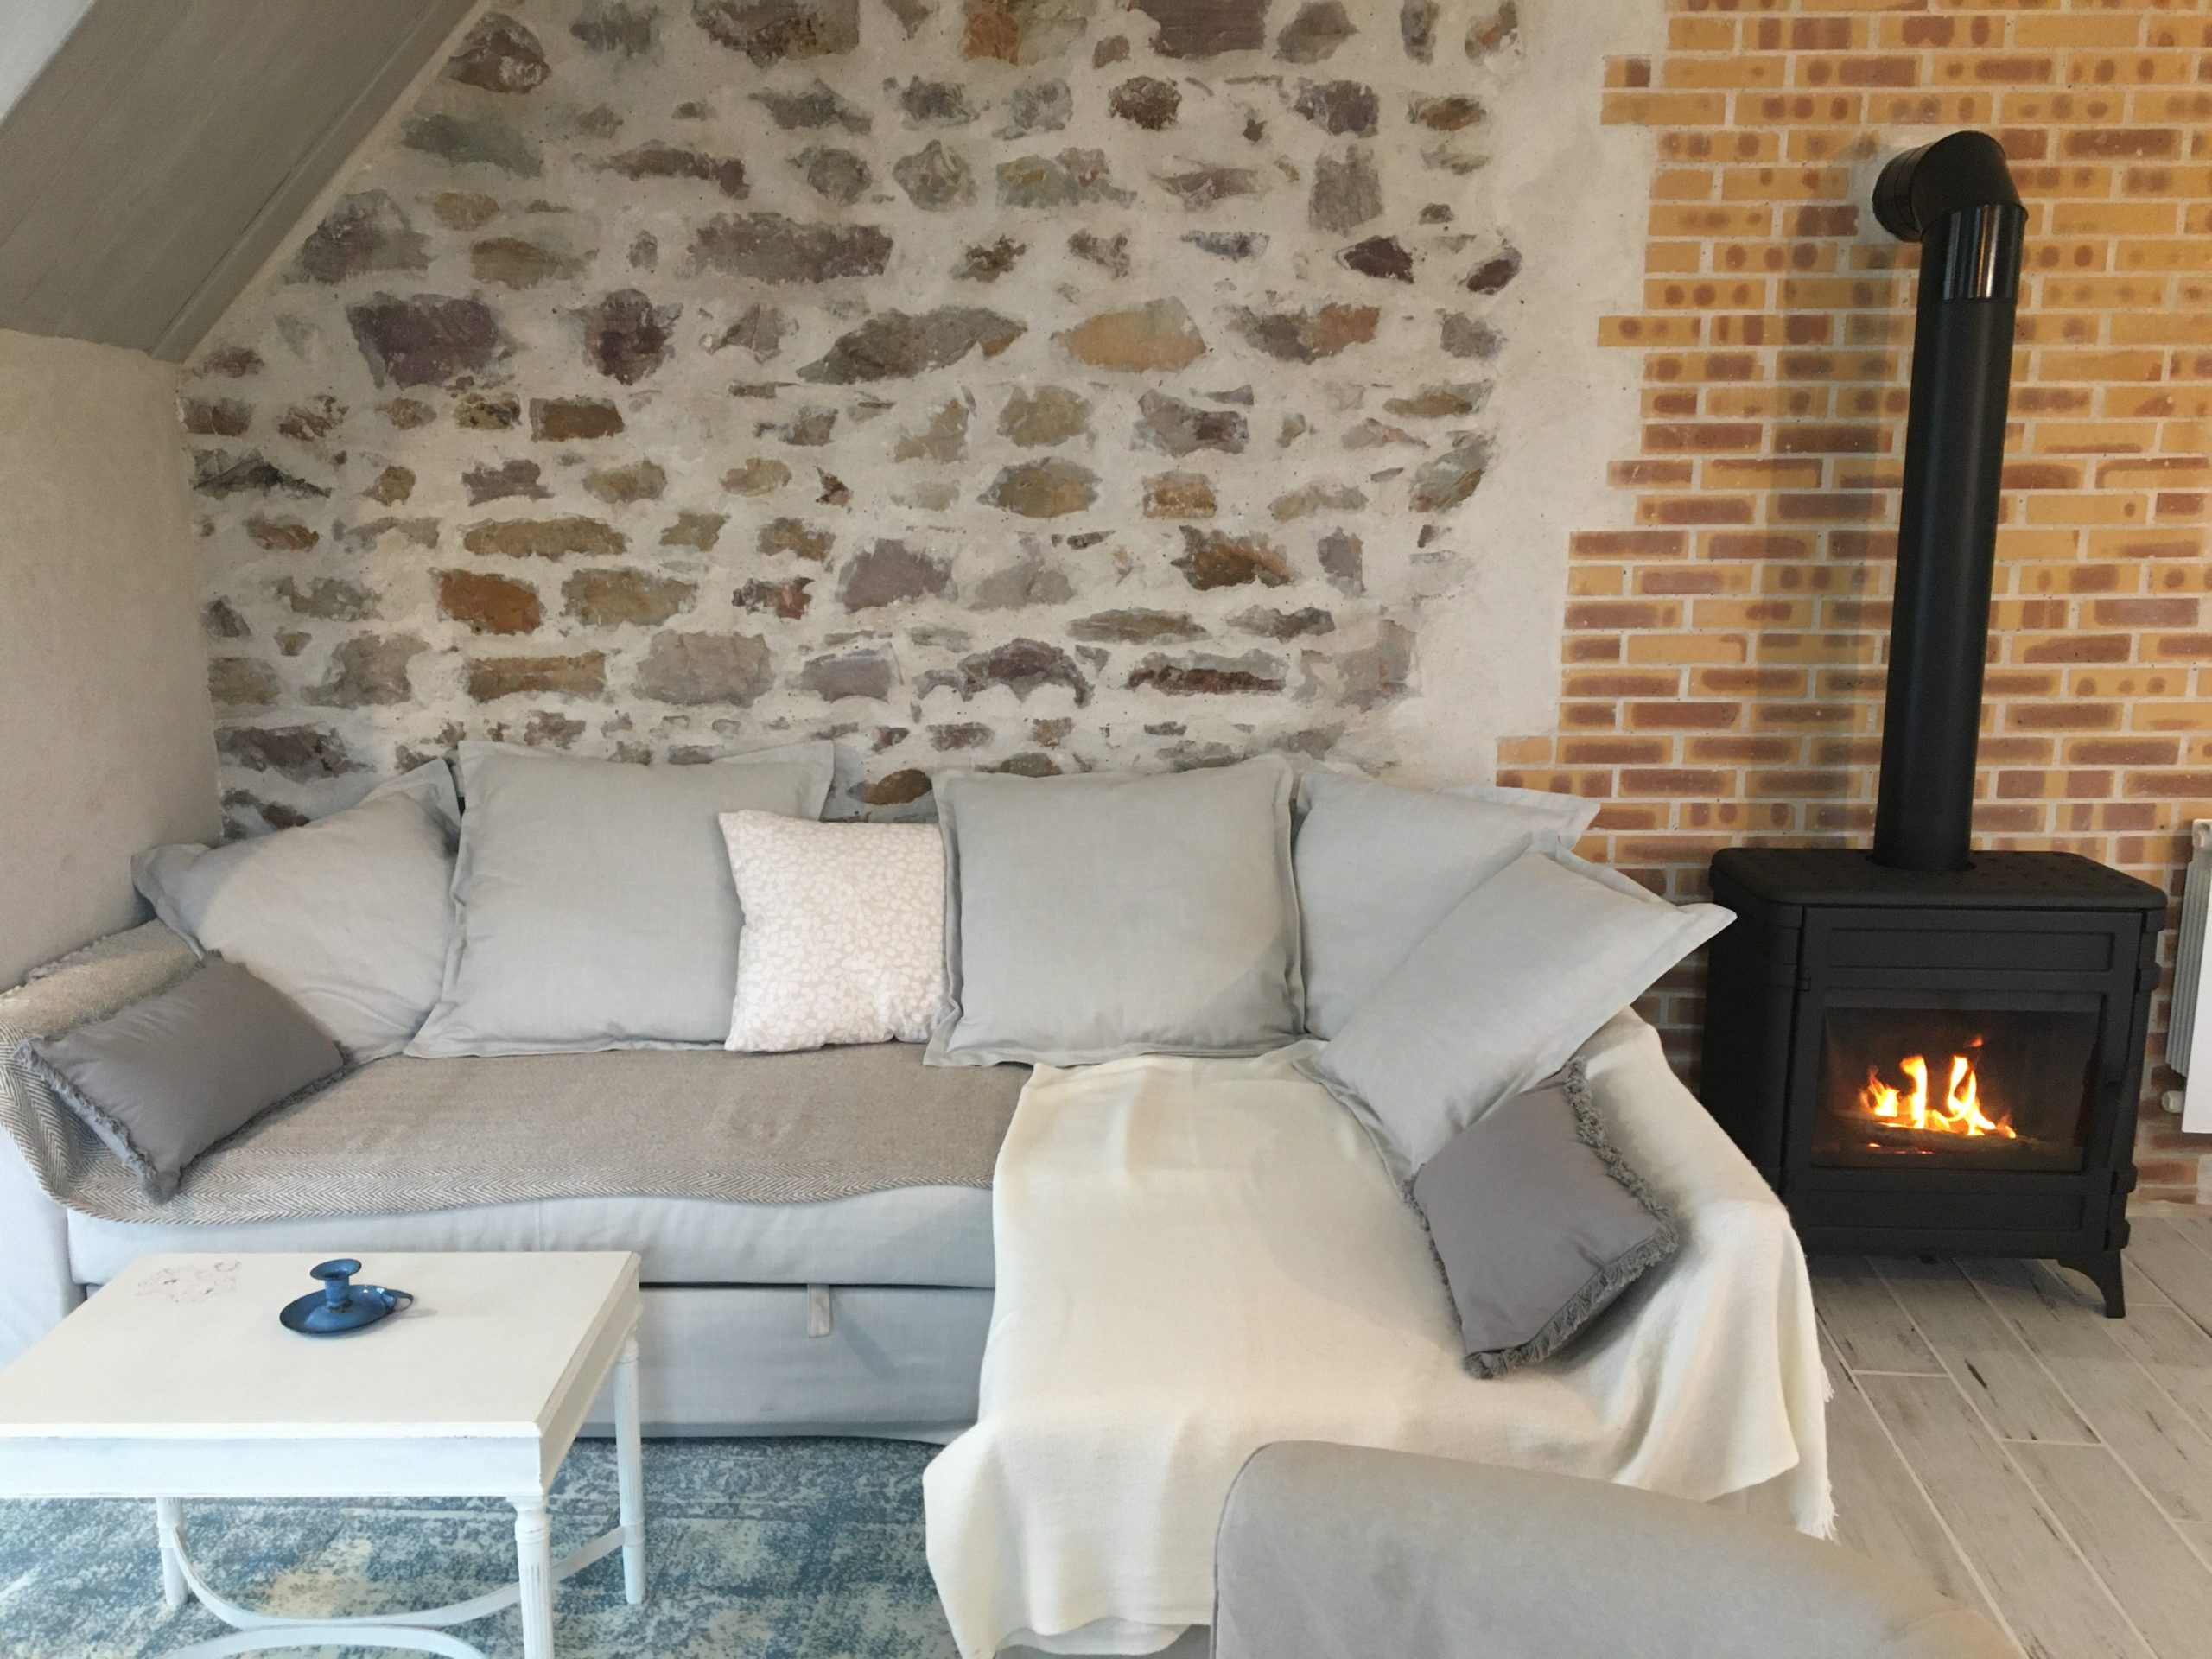 canapé et poêle allumé sur mur en pierre et brique